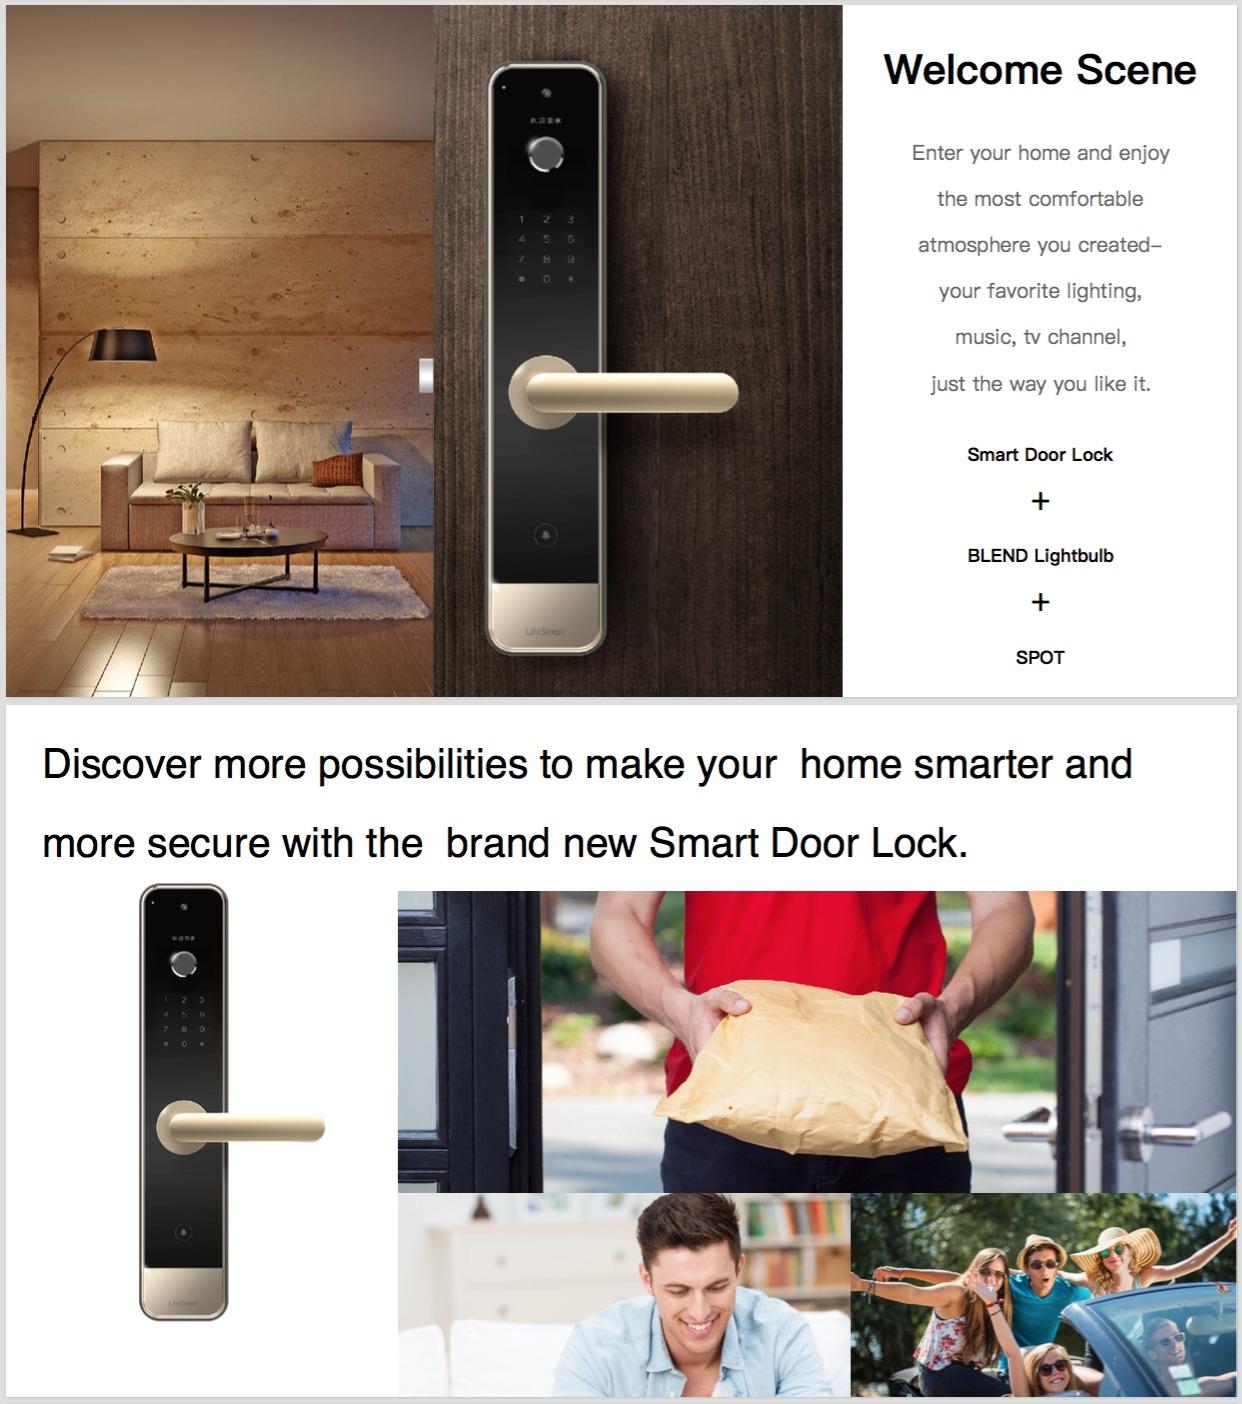 digital door lock กลอนประตูดิจิตอล เปิดได้ด้วยแอพ ไม่ว่าจะอยู่ที่ไหนของโลก